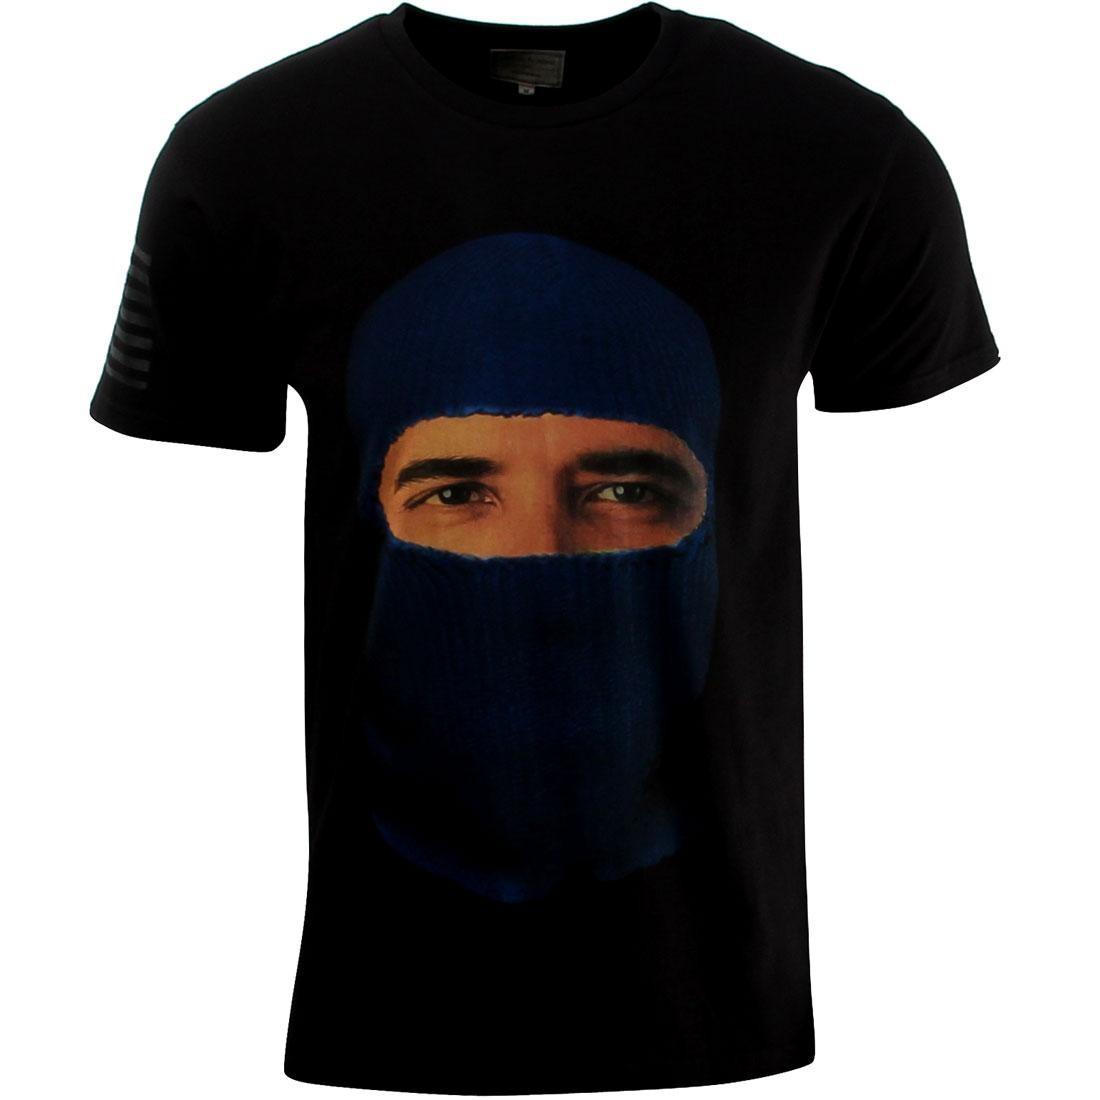 Tシャツ 黒 ブラック 【 BLACK ELEVEN PARIS CAGOM TEE 】 メンズファッション トップス Tシャツ カットソー